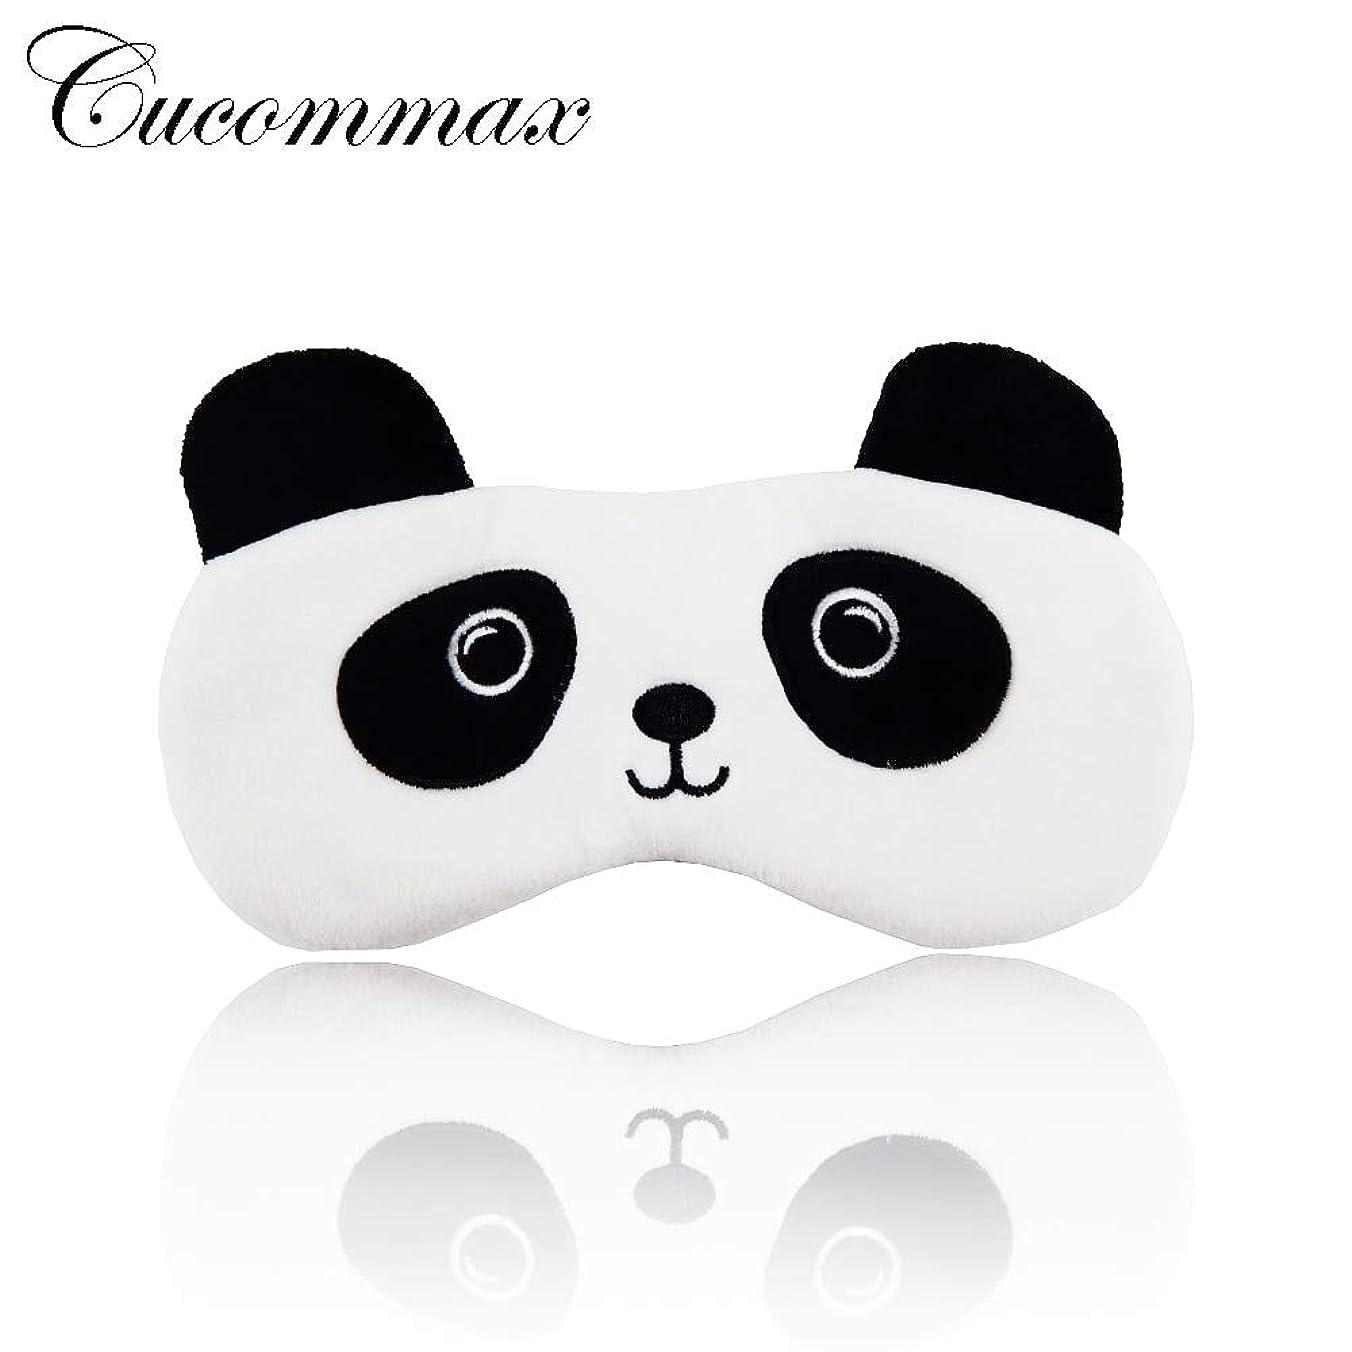 NOTE Cucommax 1ピースパンダスタイルリラックスアイシェード睡眠マスクブラックマスク包帯用睡眠 - MSK44